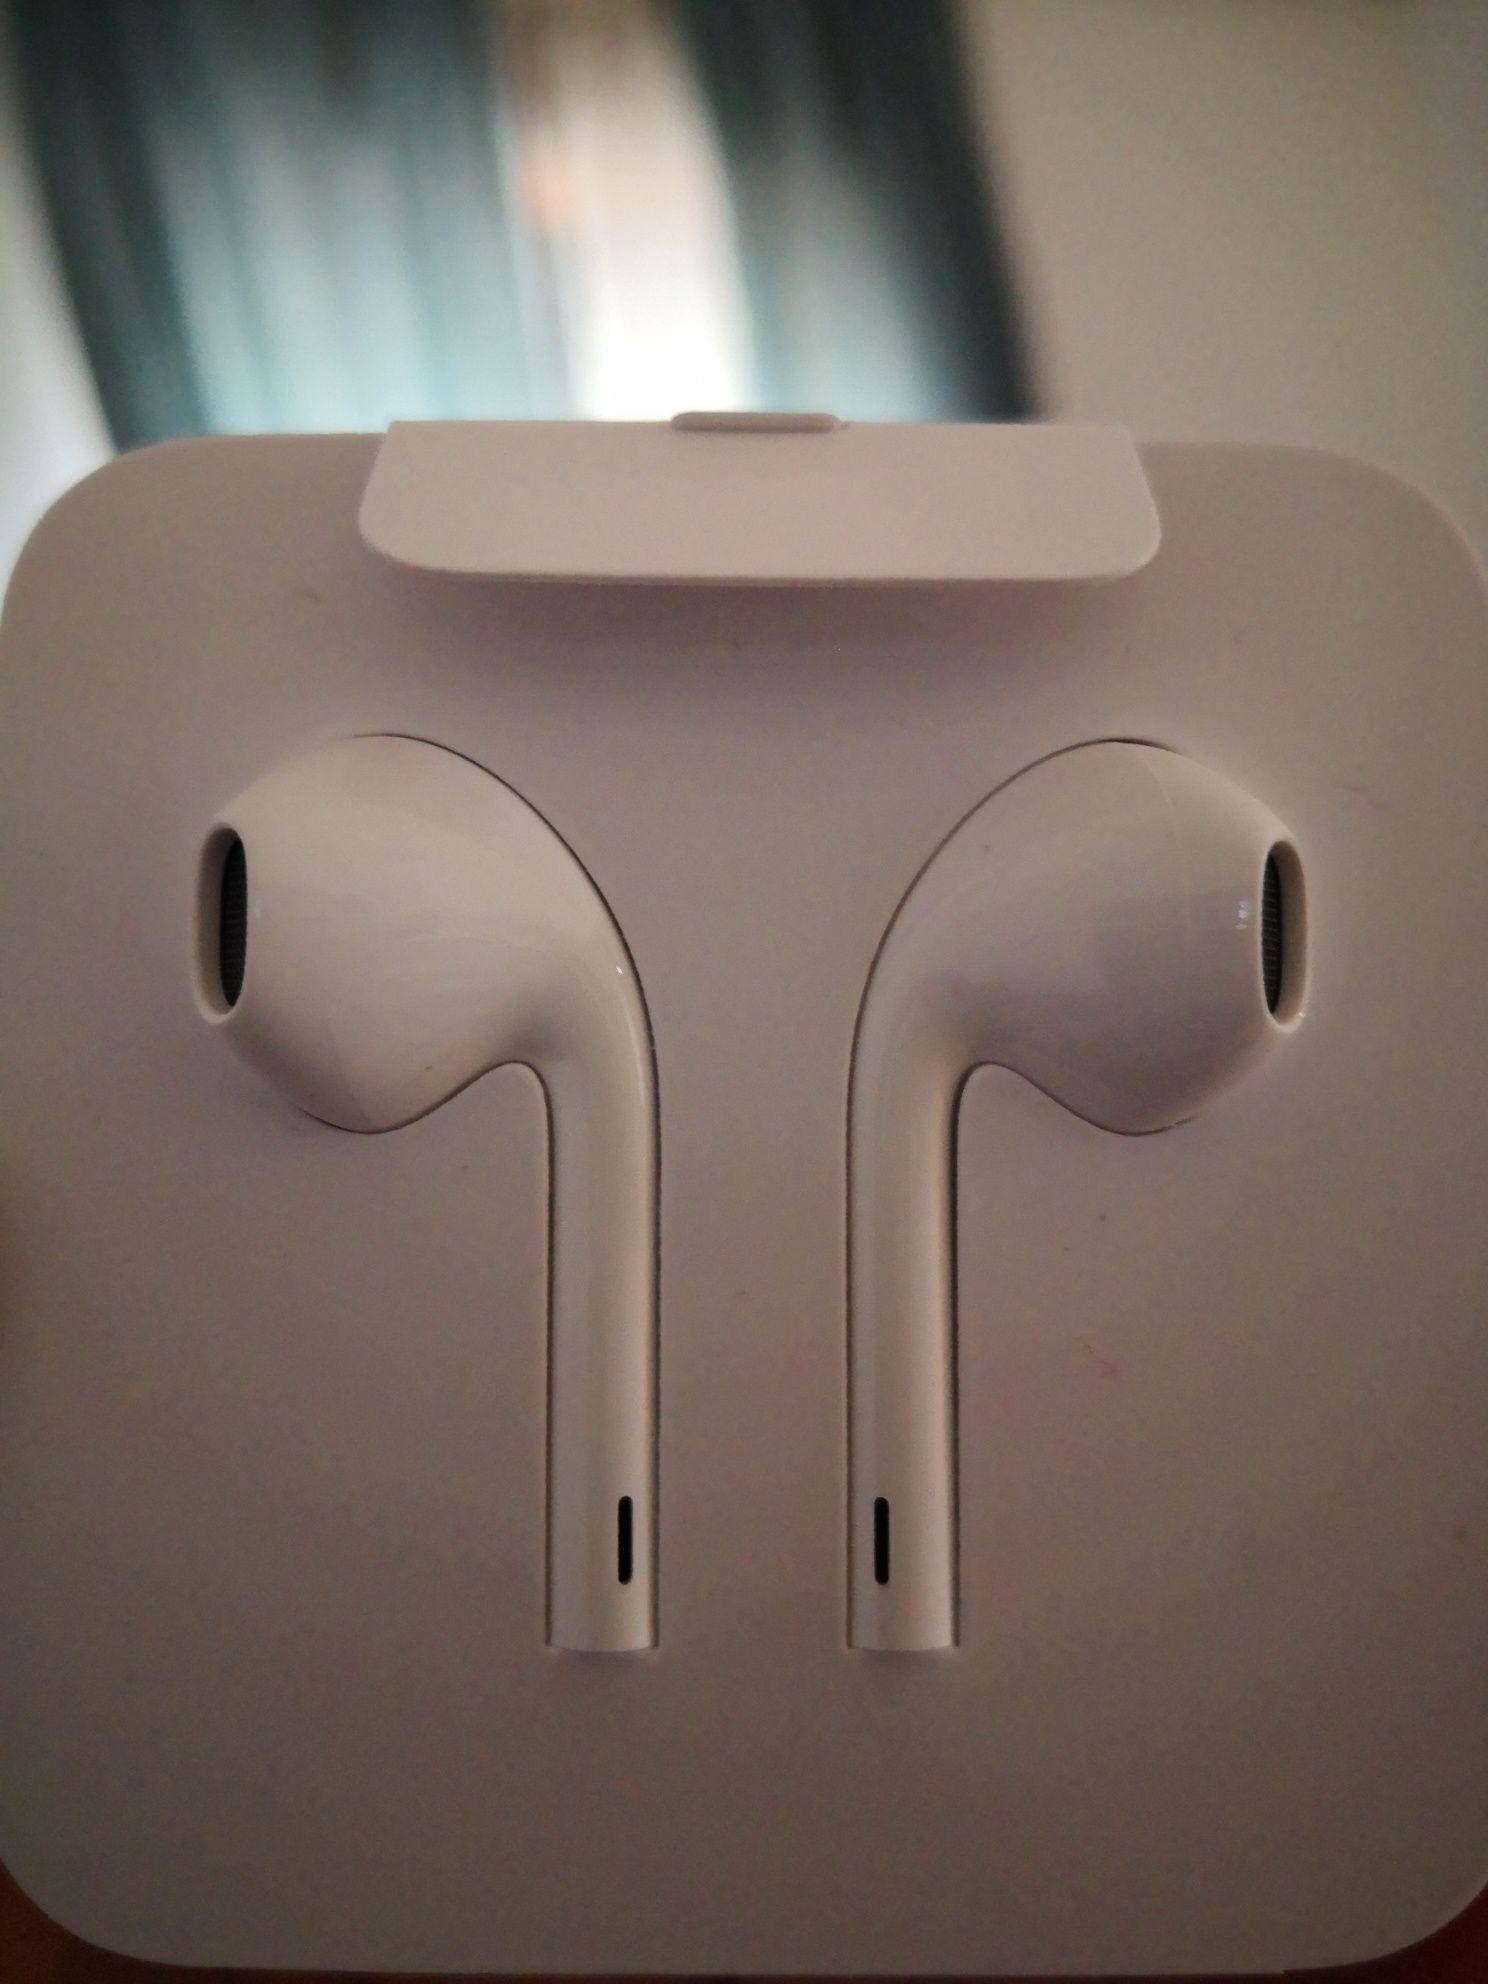 Fones Apple iPhone 12 pro max originais